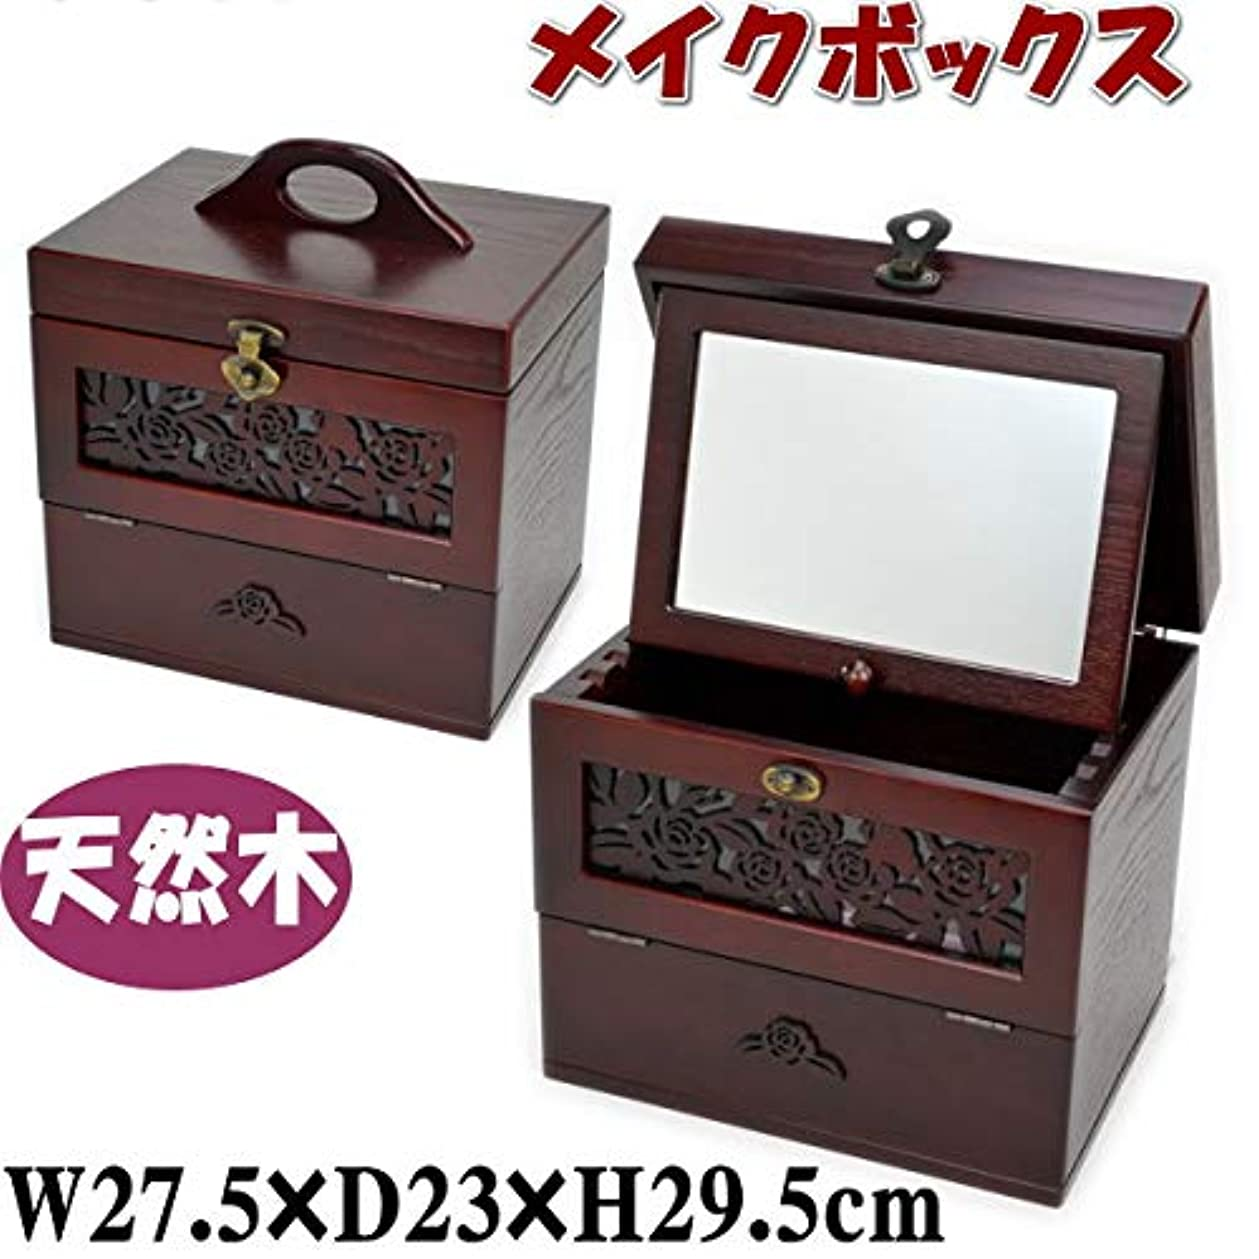 ローンアラビア語王朝メイクボックス 木製 薔薇 ワイン ブラウン (おしゃれ コスメボックス メークボックス 鏡 収納